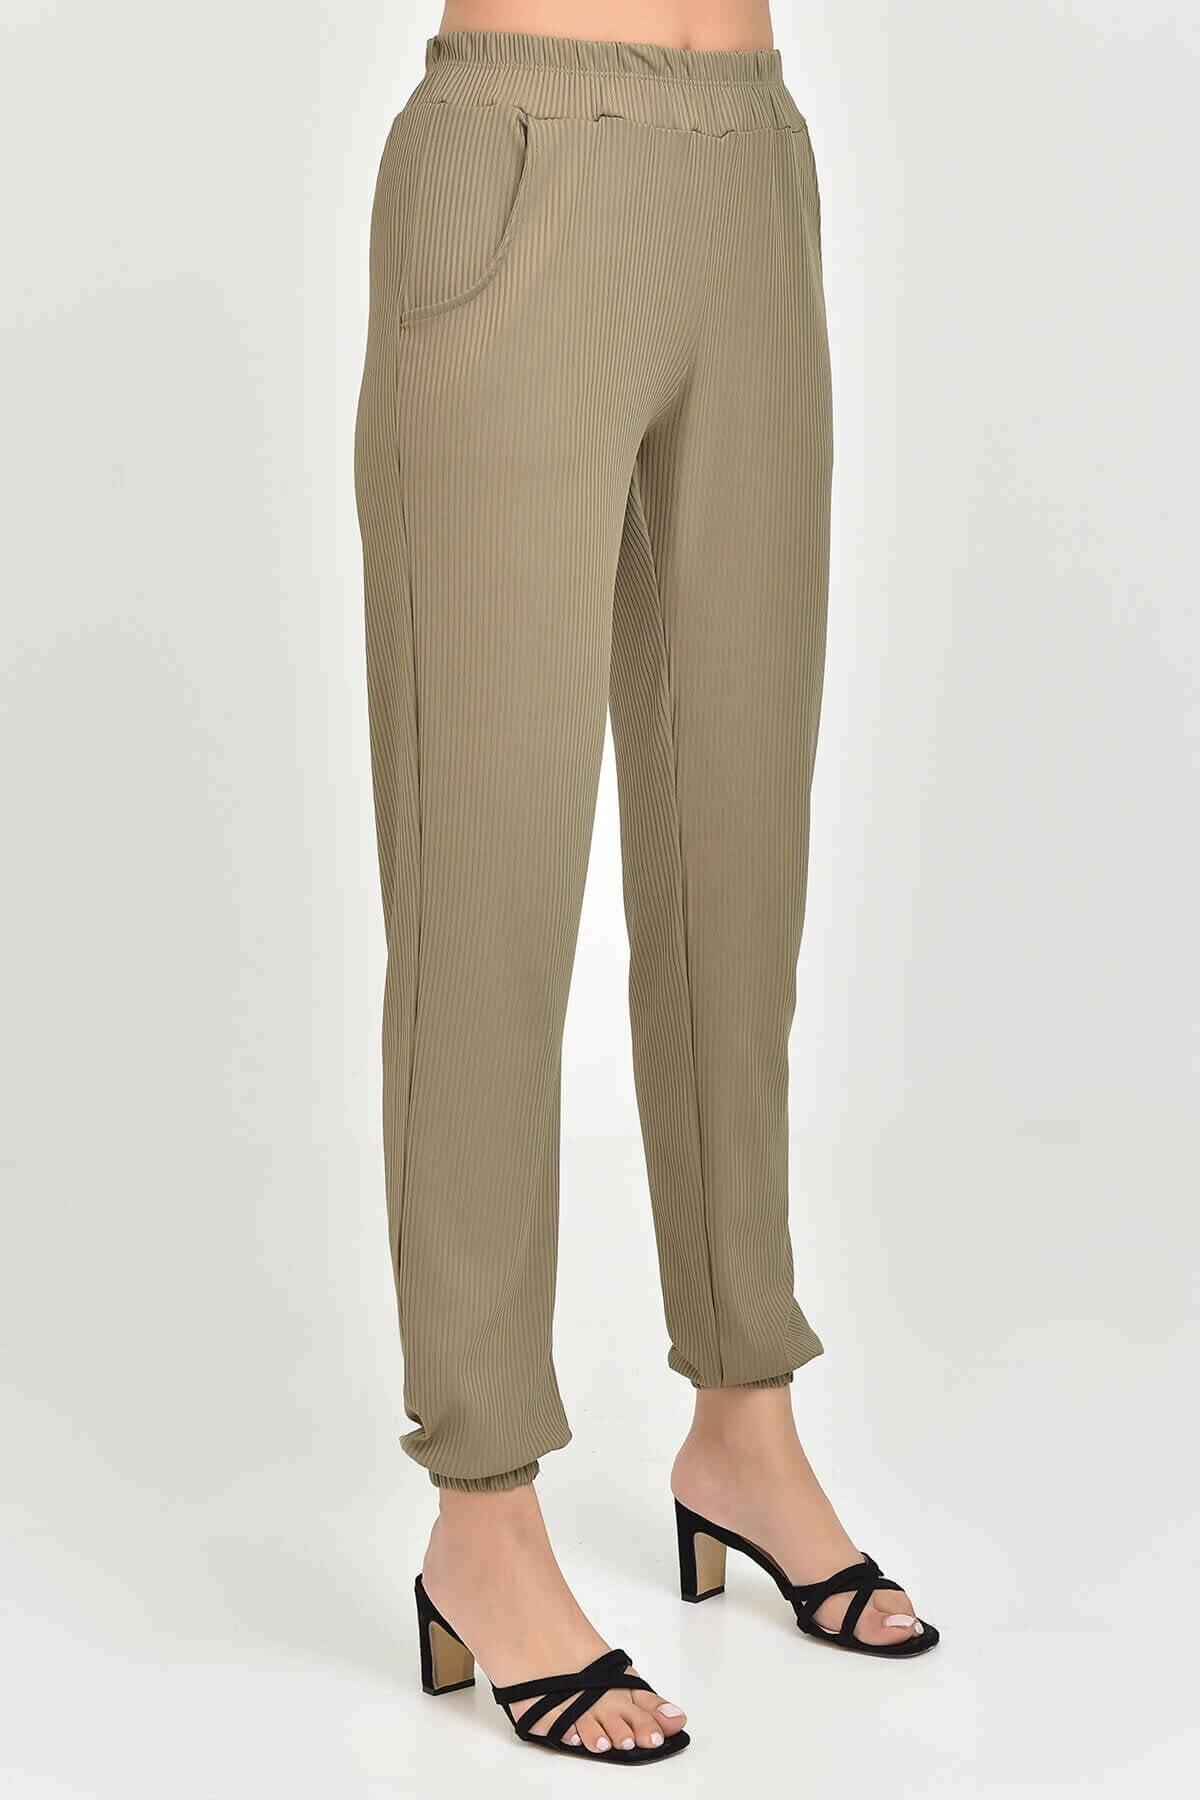 Modakapimda Haki Cepli Şalvar Pantolon